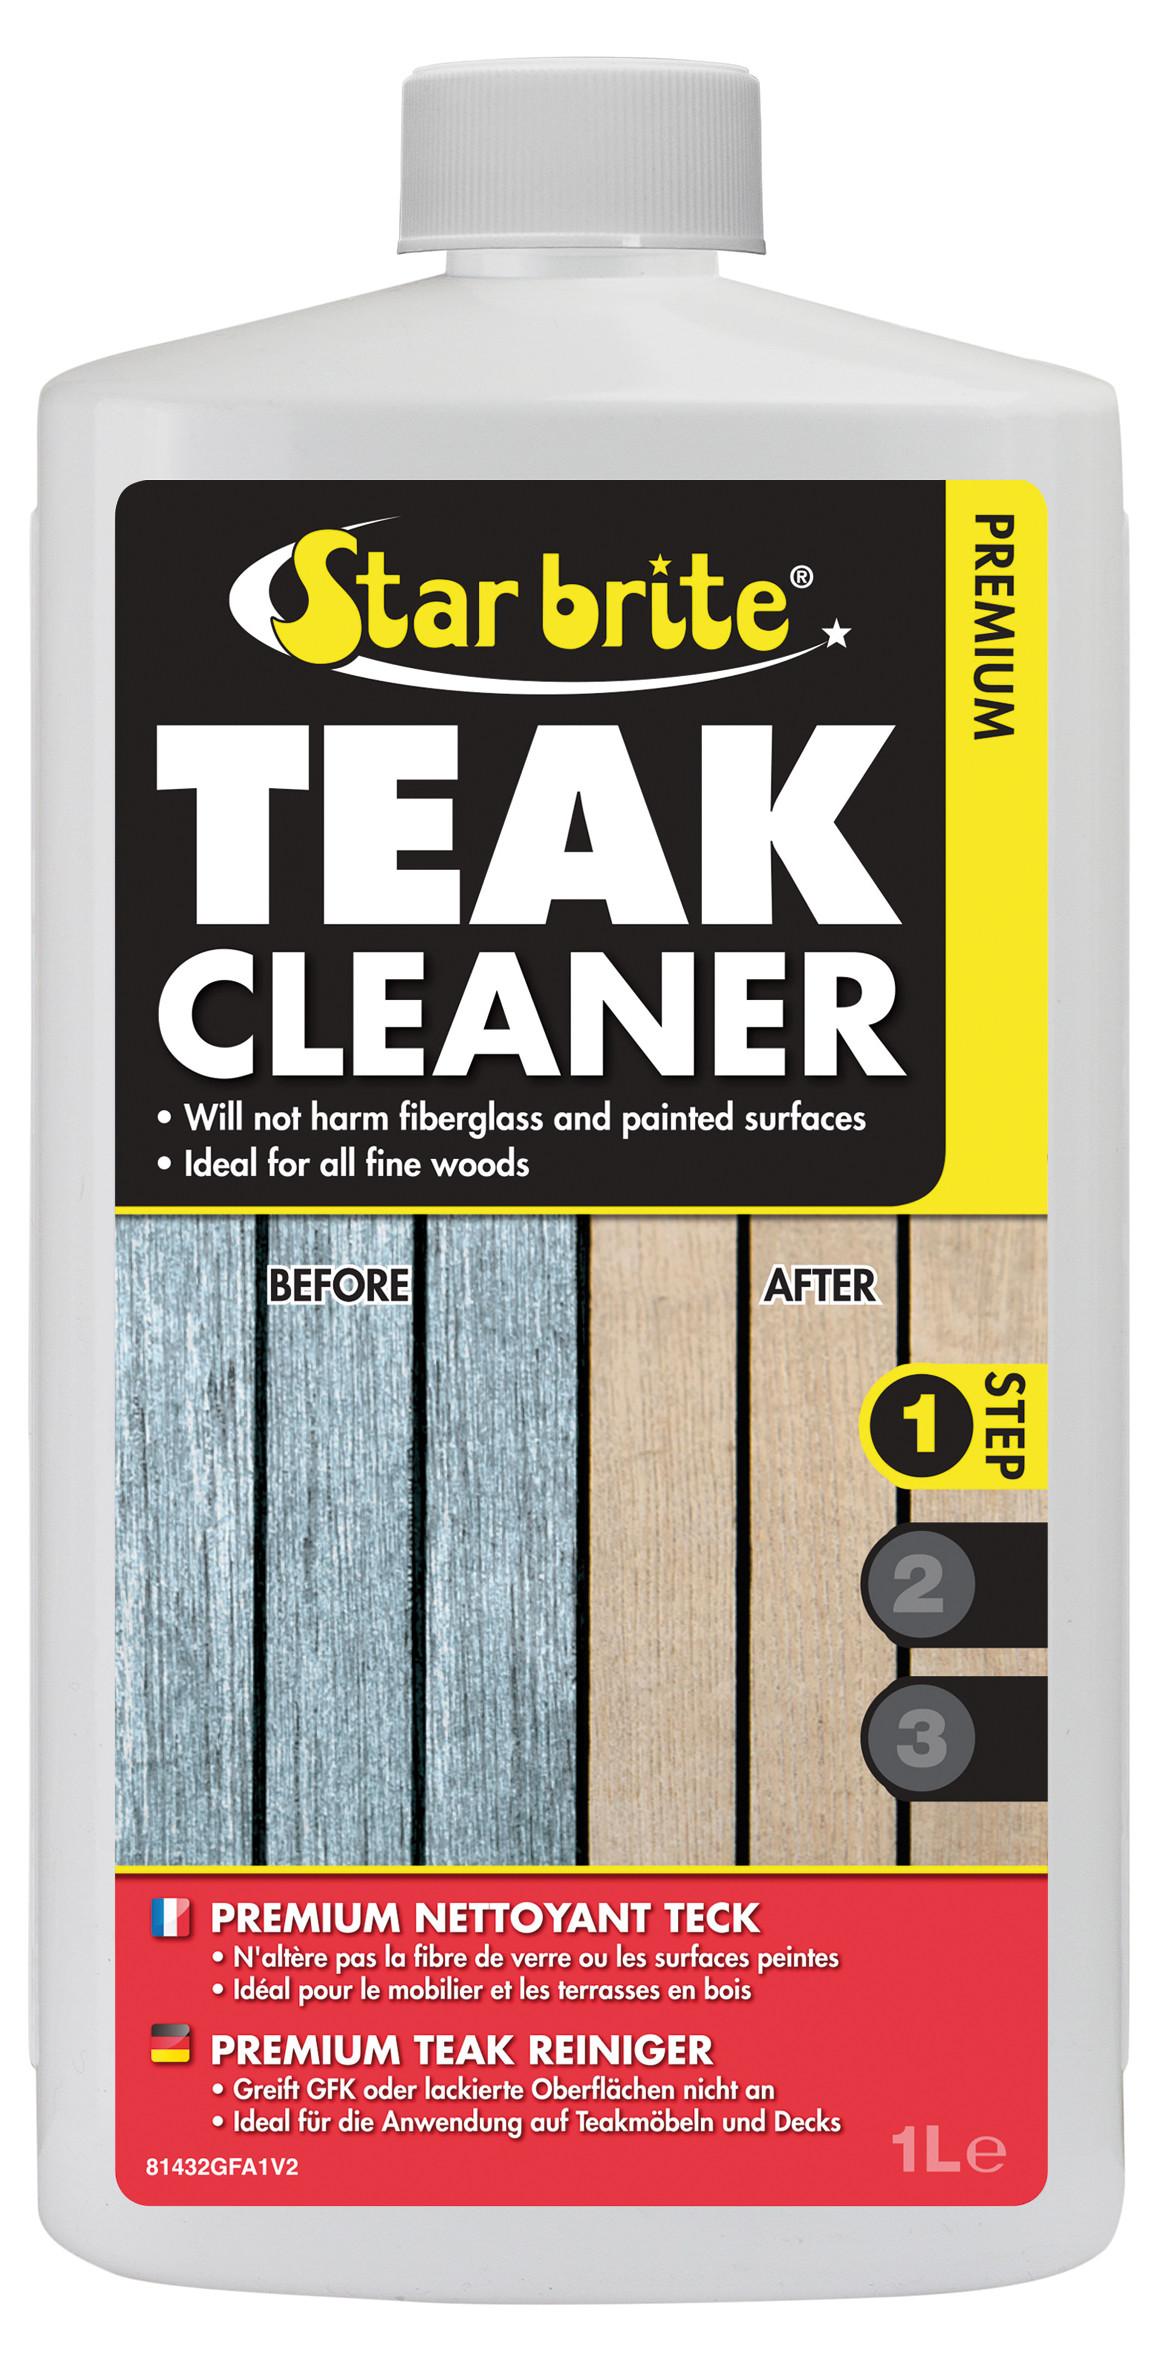 Produit Pour Nettoyer Terrasse En Bois produit de nettoyage pour teck, teak cleaner, 1 l